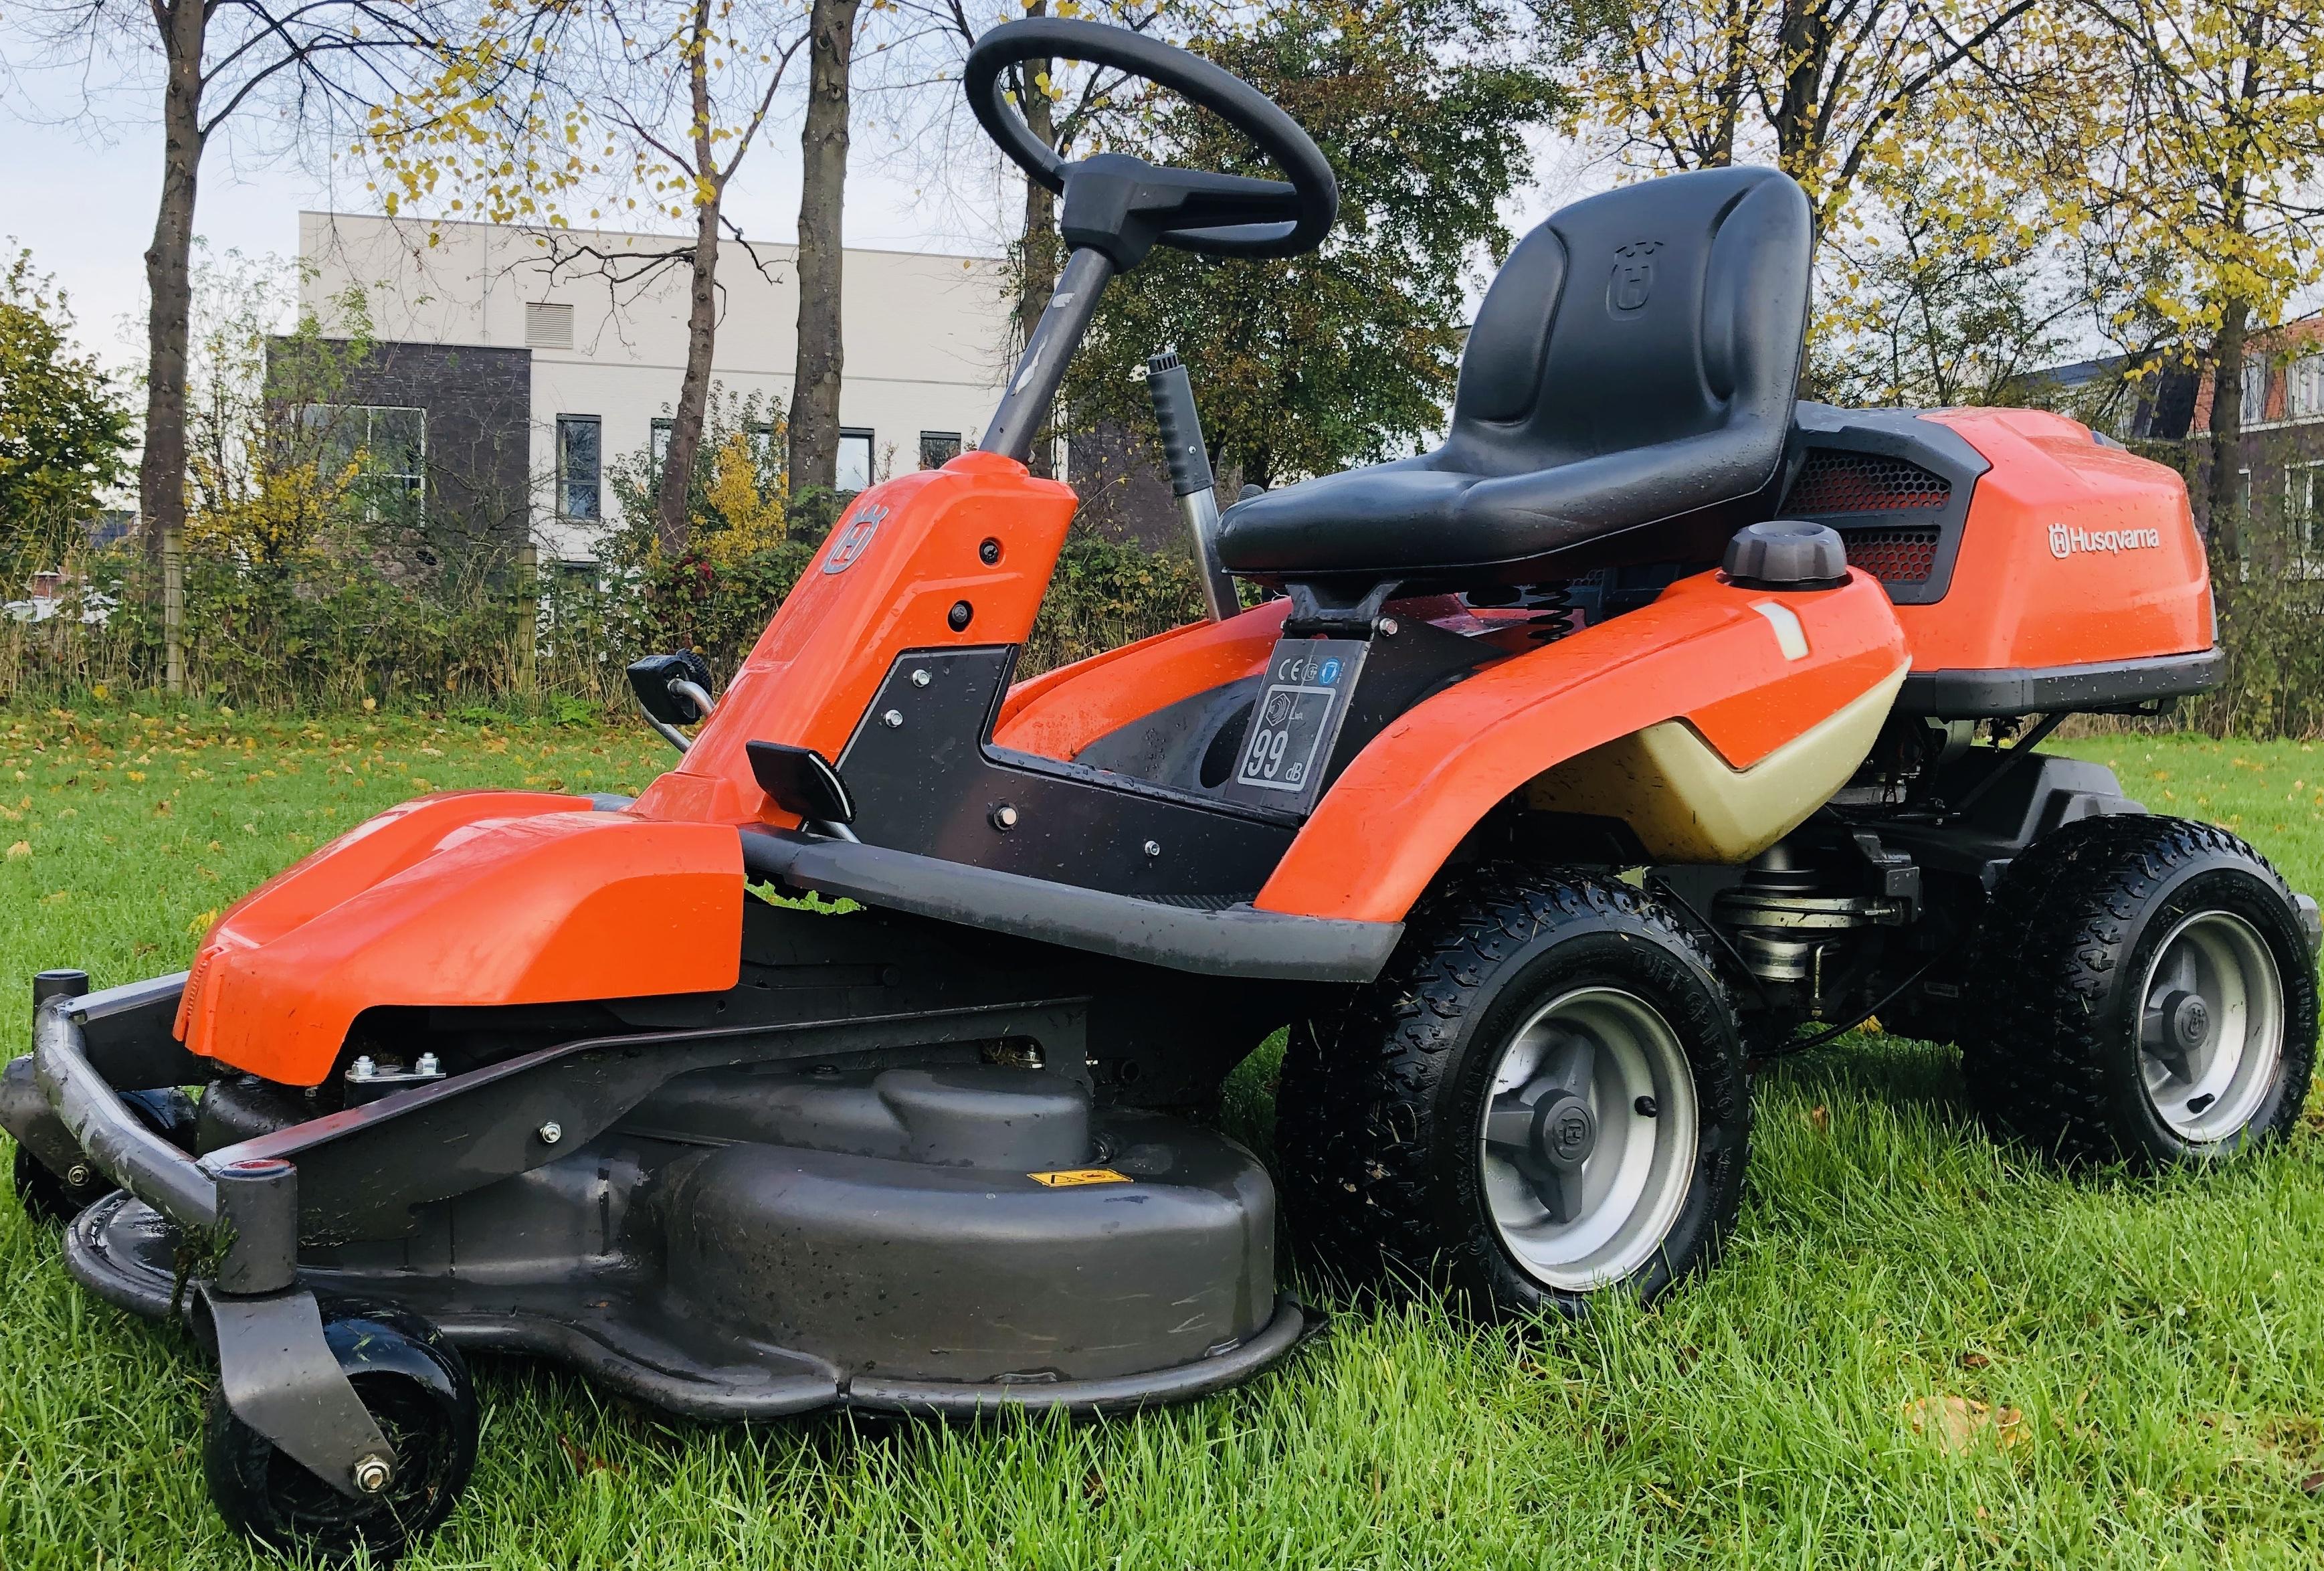 Husqvarna Rider R175